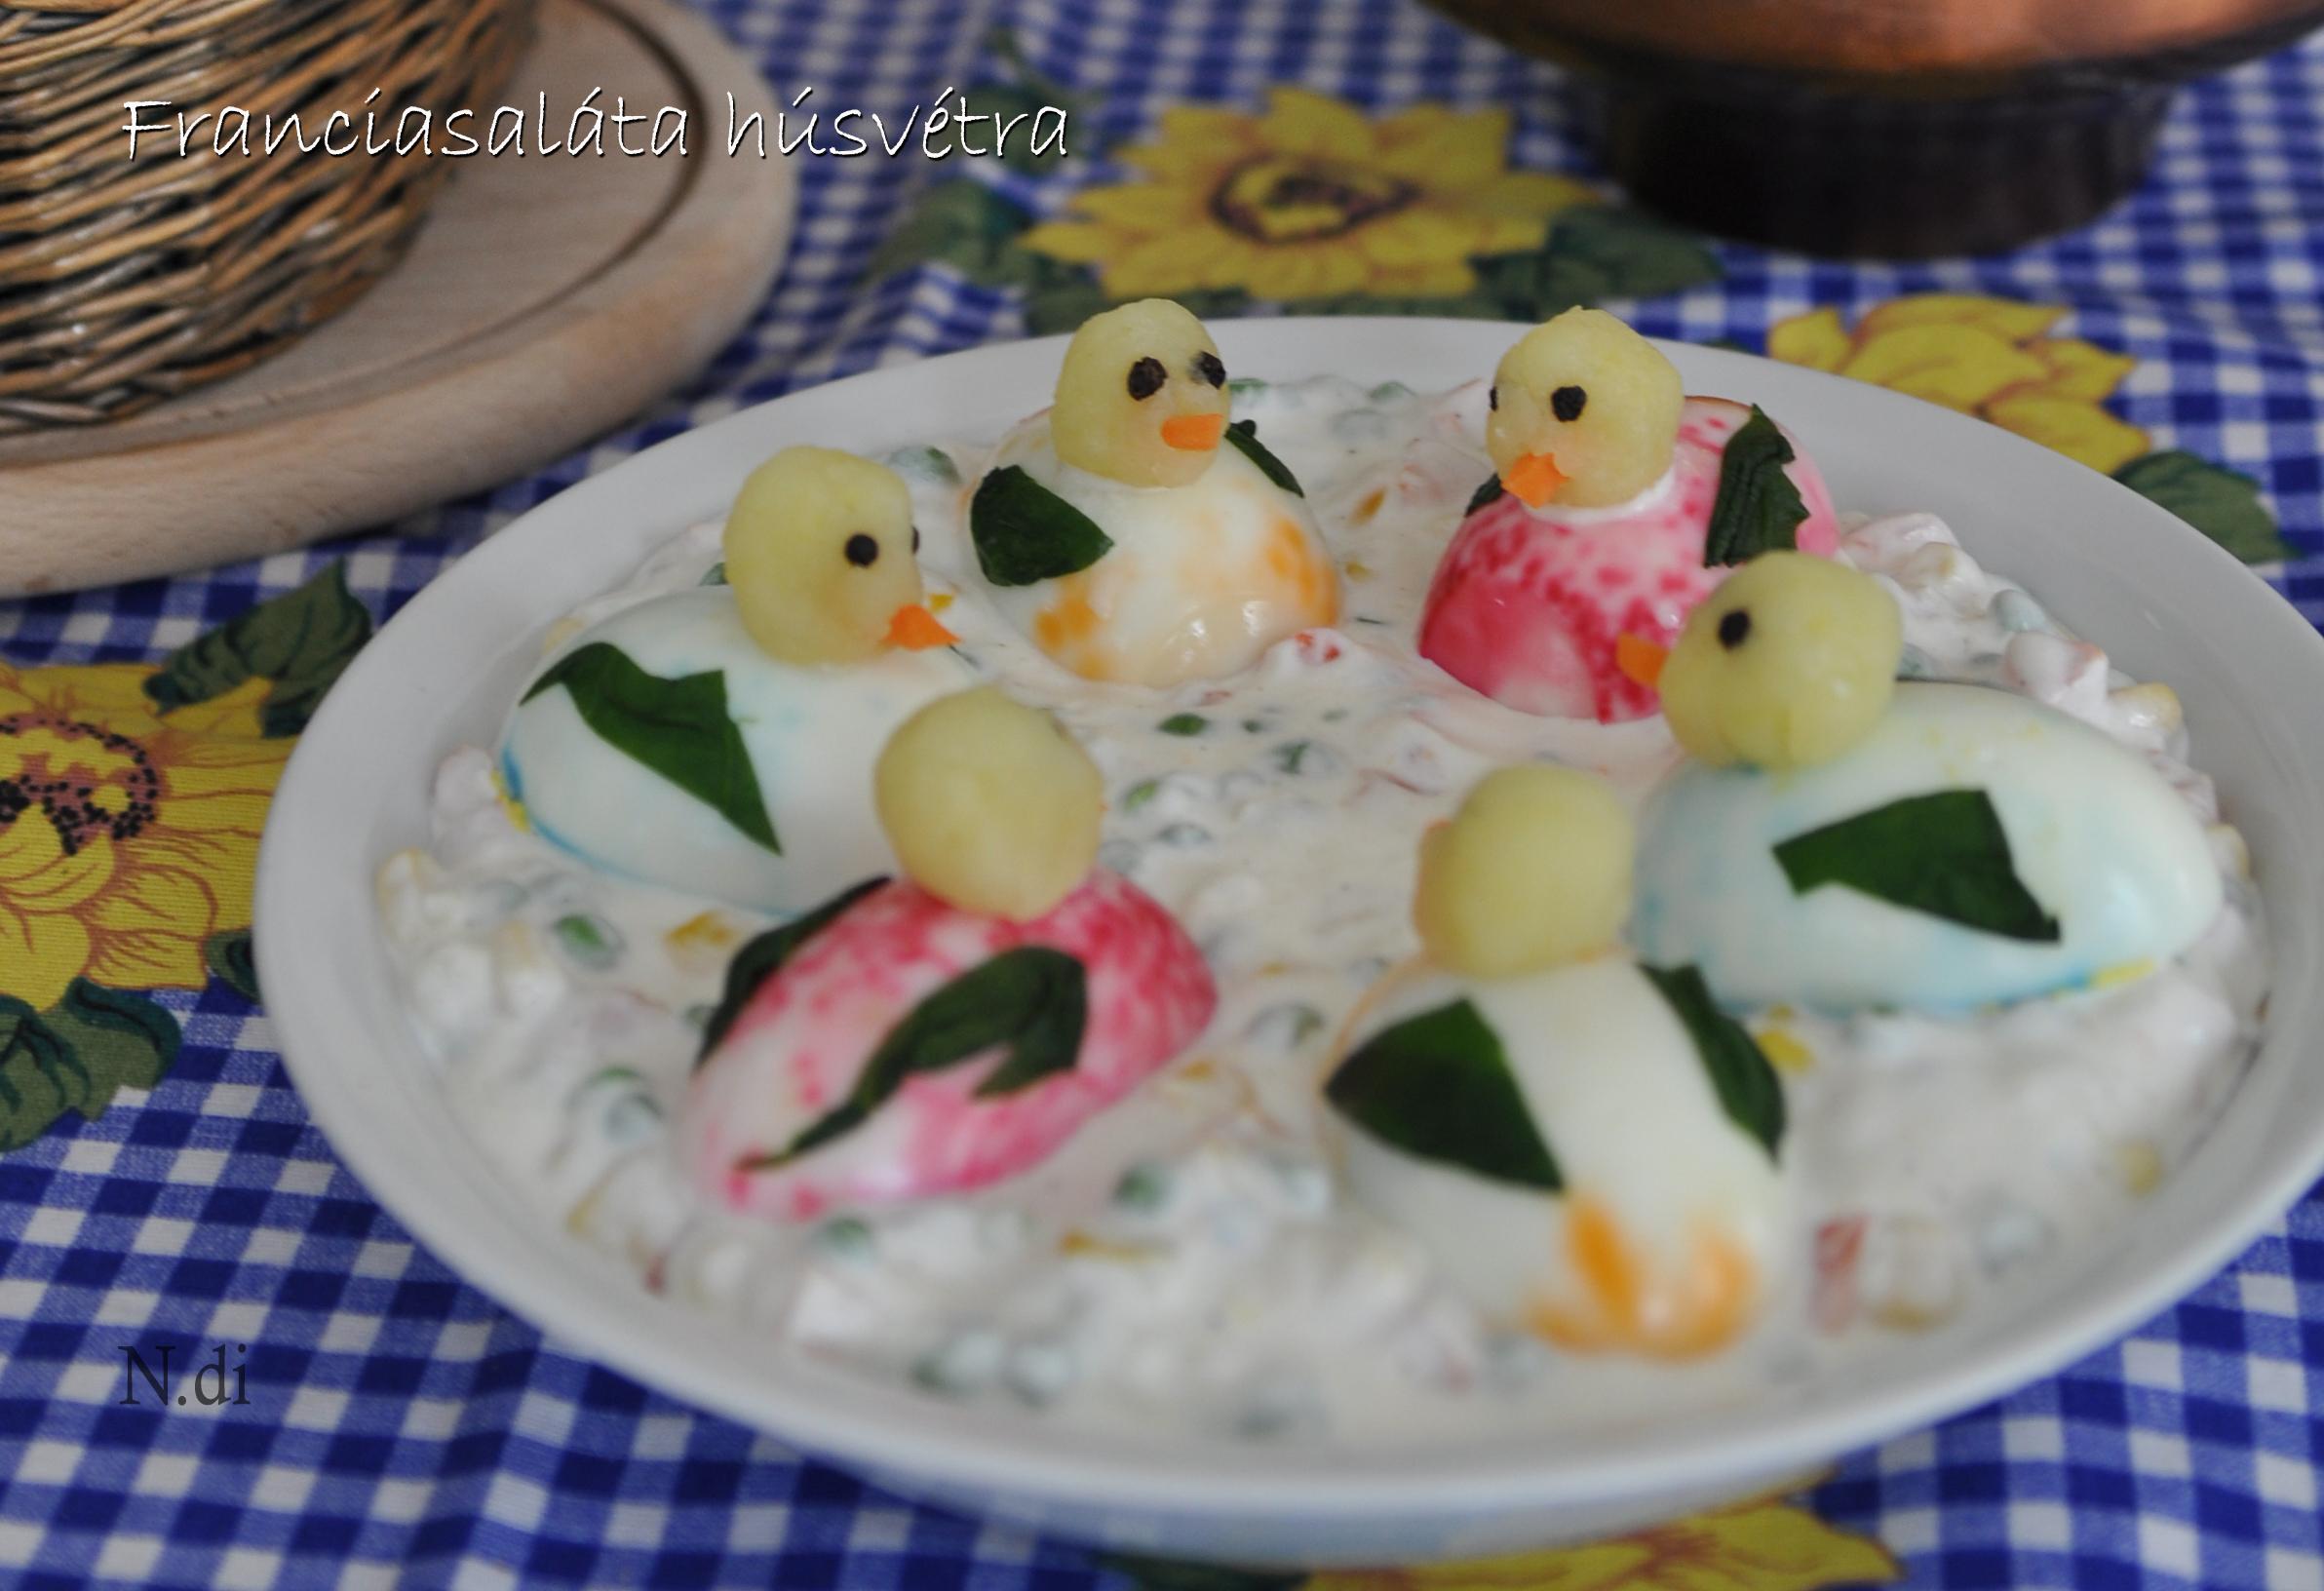 Franciasaláta húsvétra